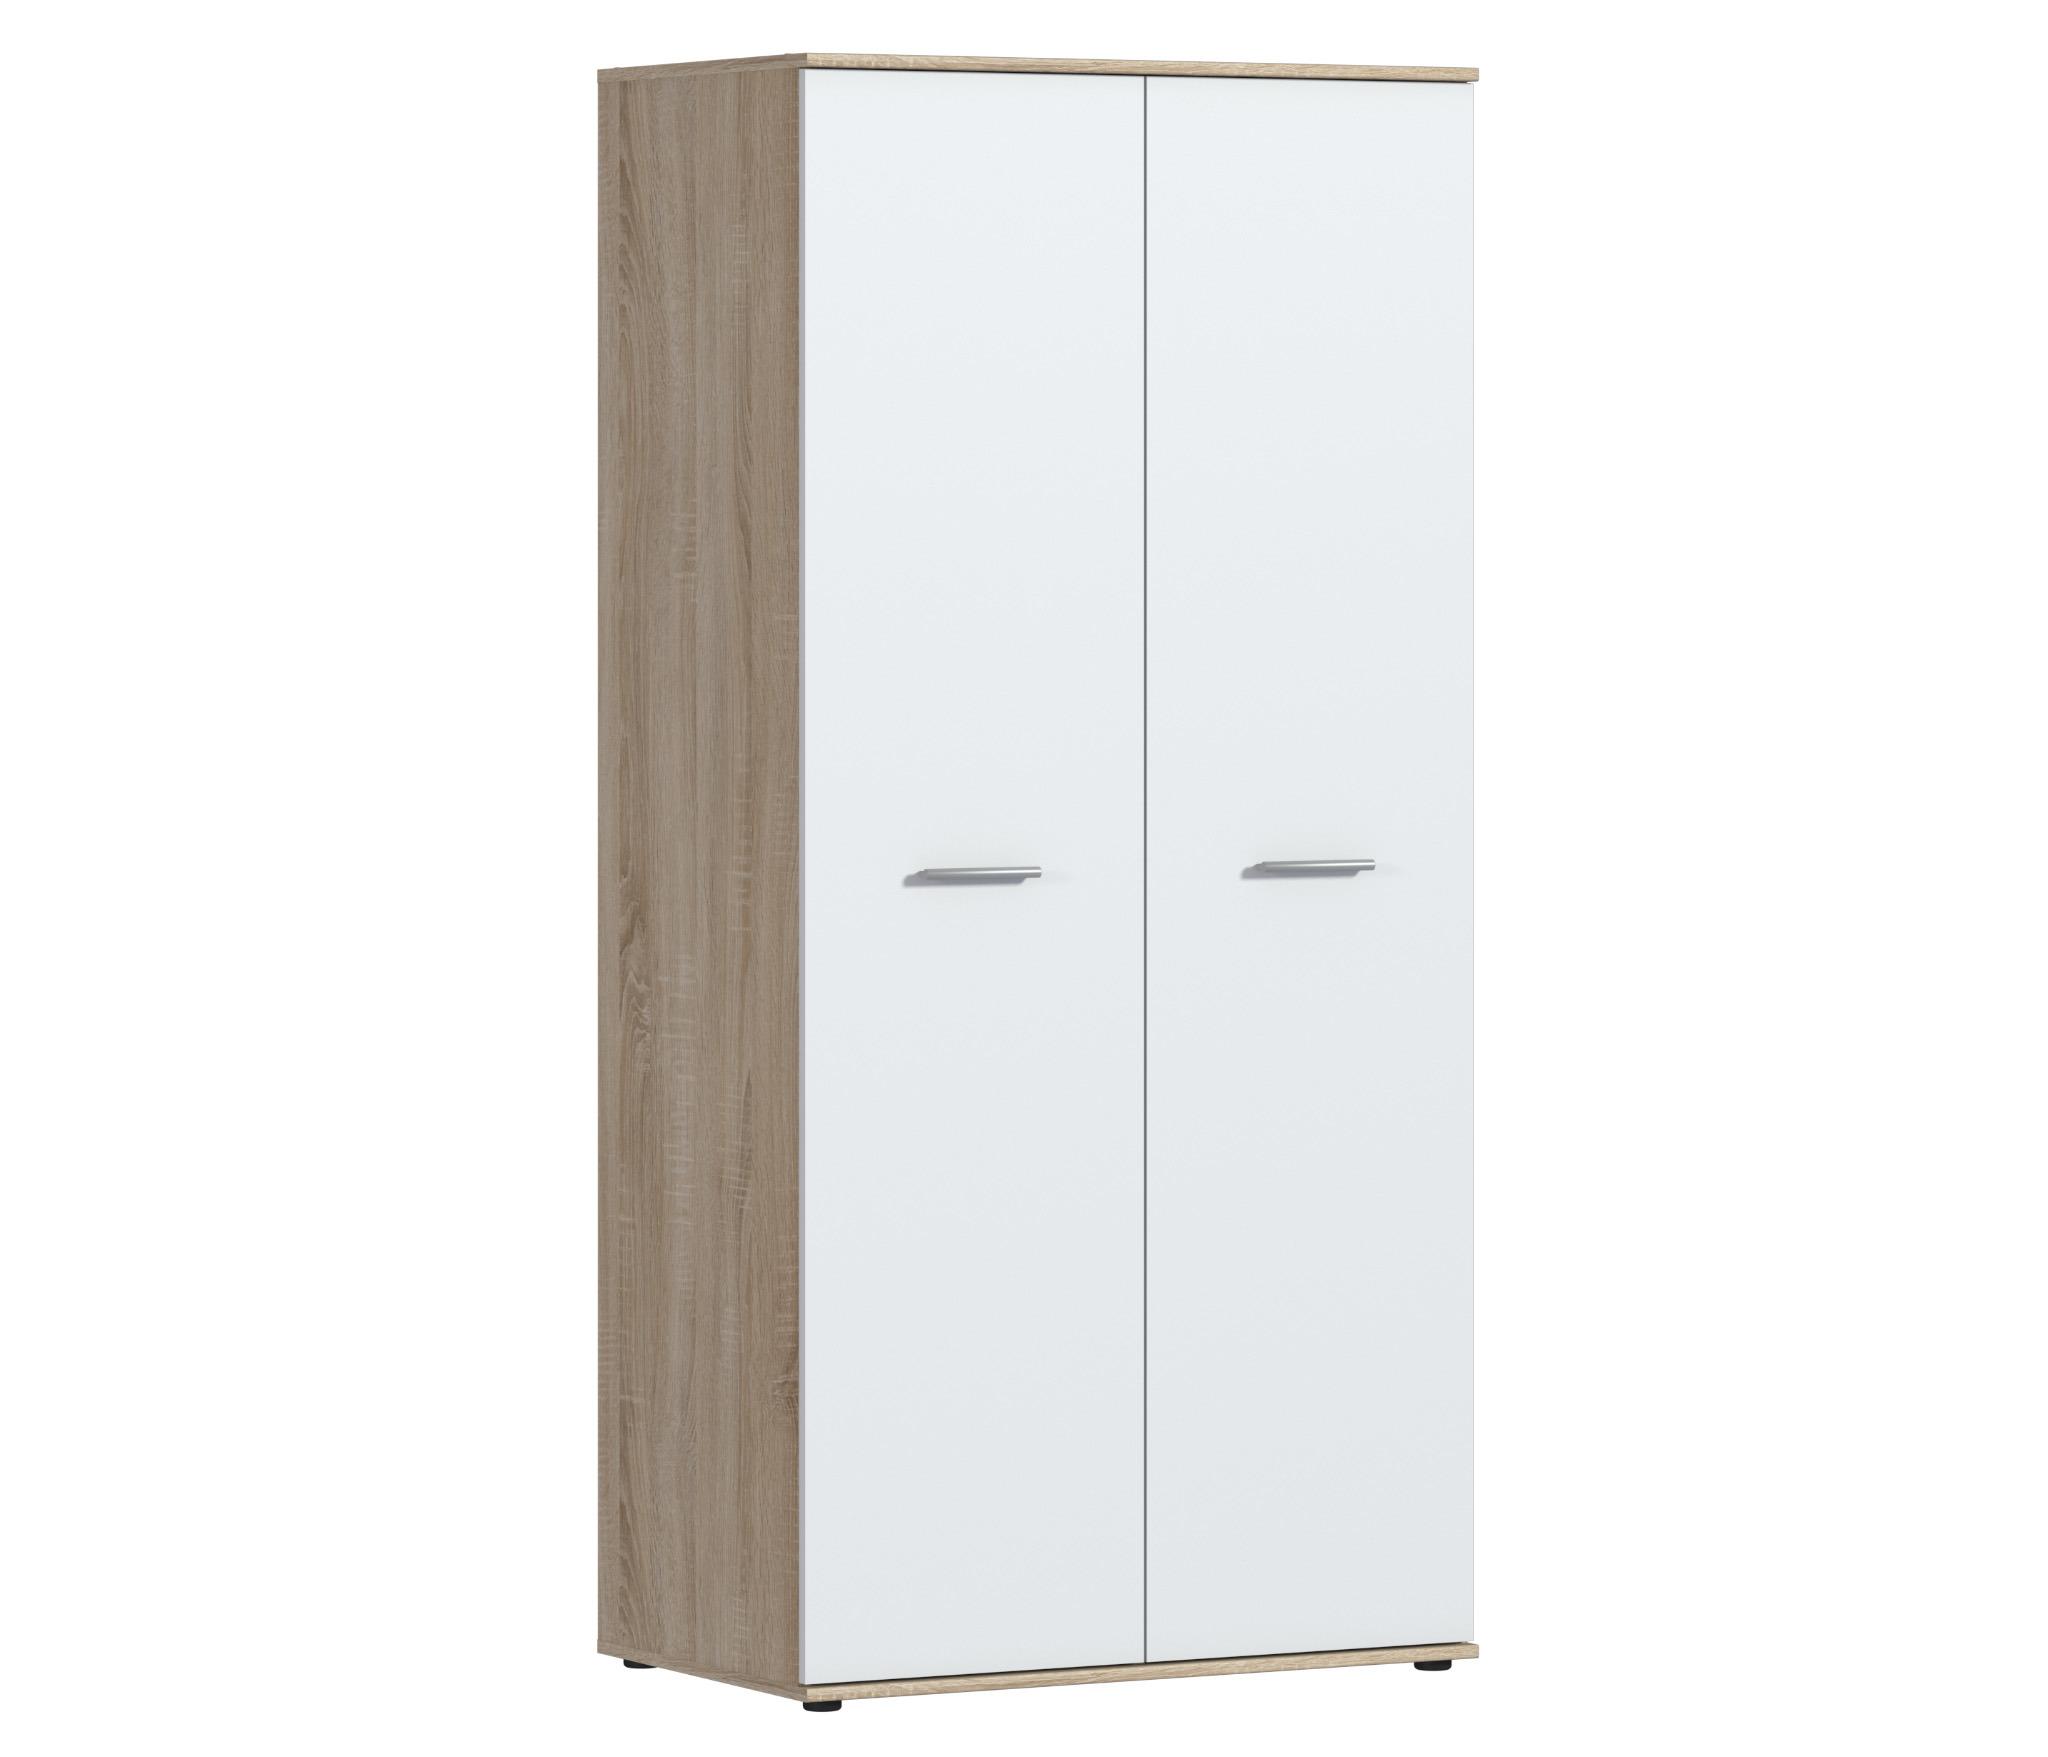 Купить со скидкой Мамбо СБ-2371 Шкаф 2-х дверный